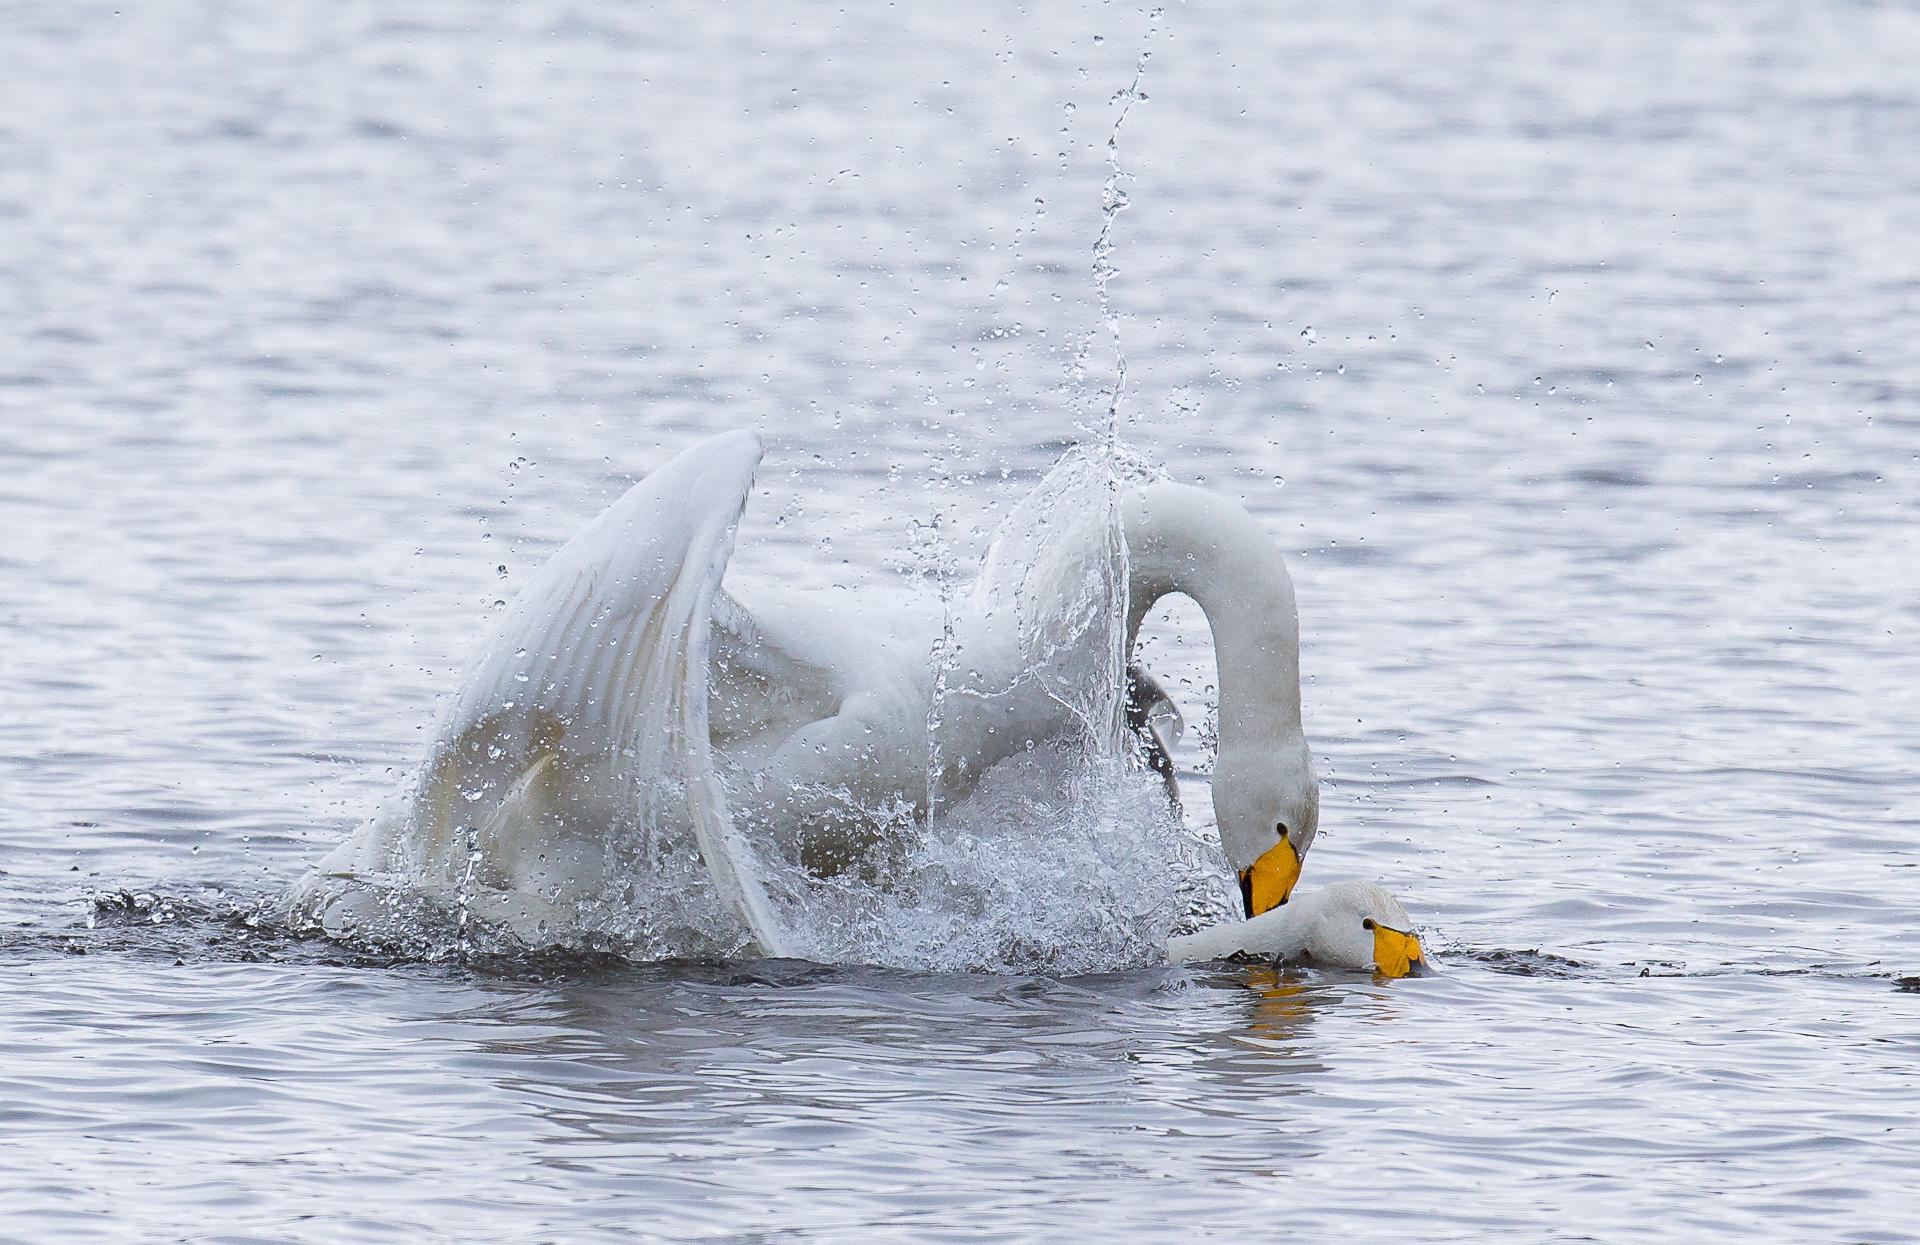 whooper-swans-7765-by-olli-lamminsalo_27485924091_o.jpg